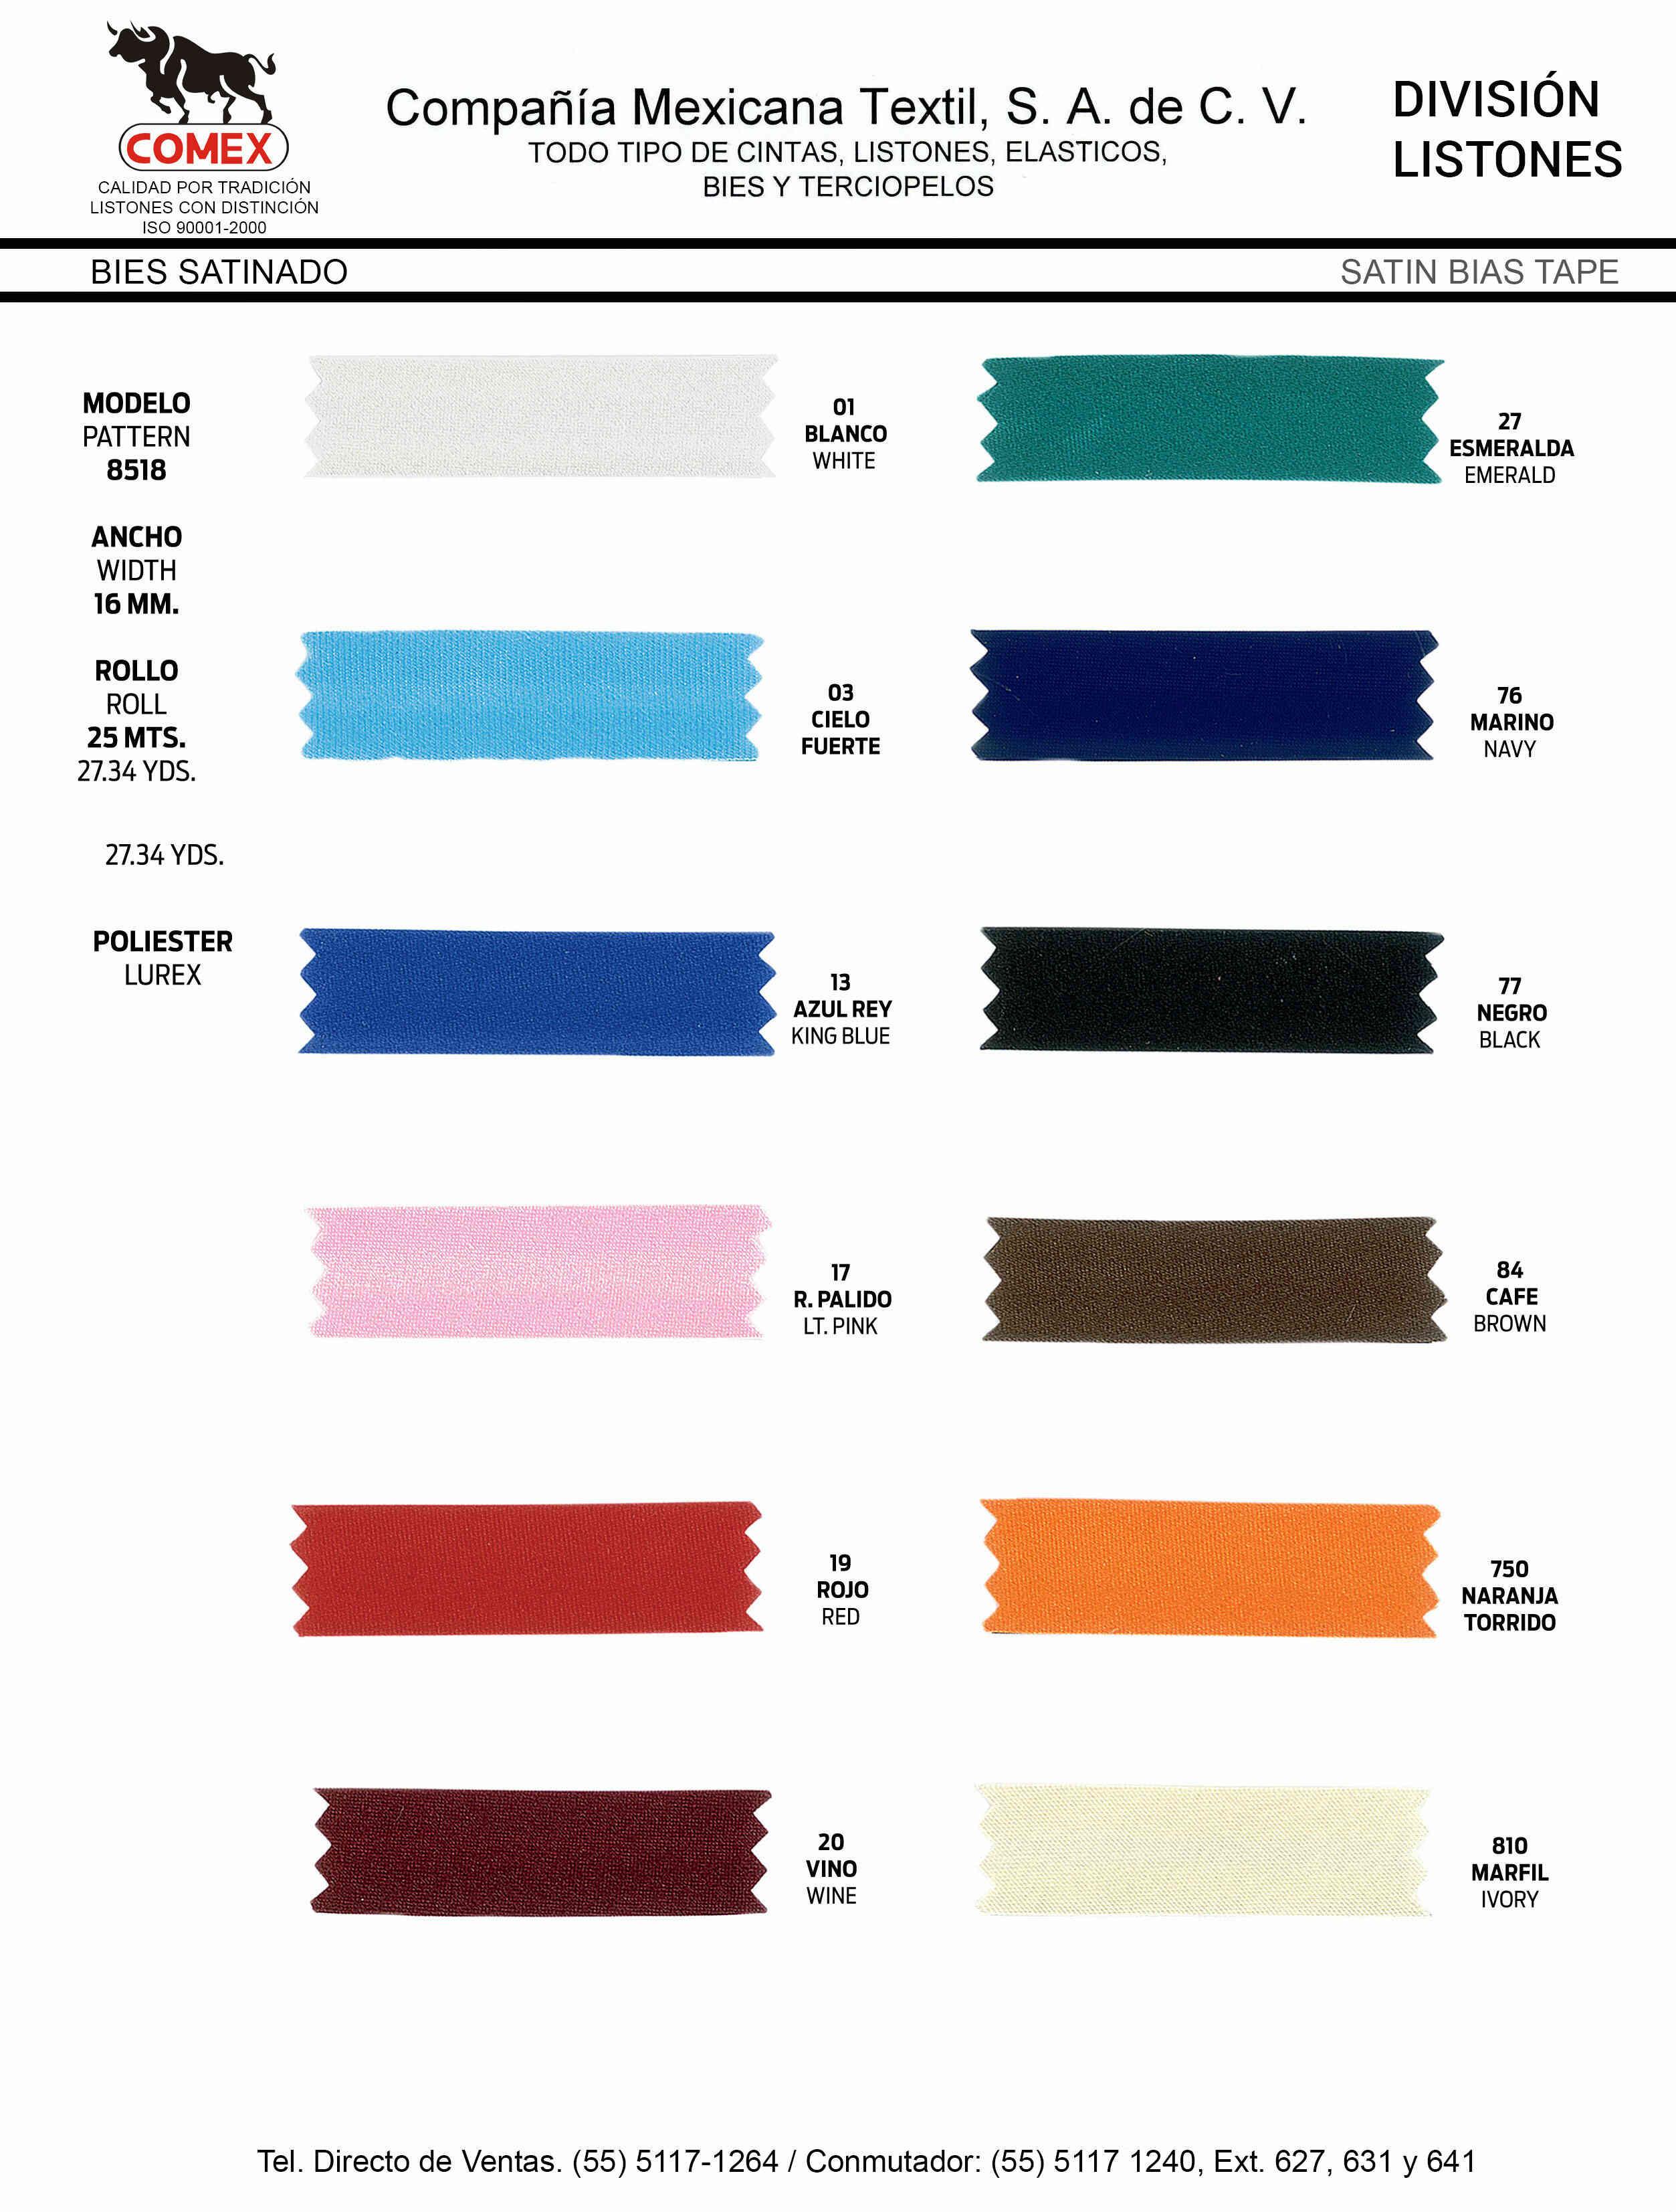 Anchos y Colores de Liston Mod.8518